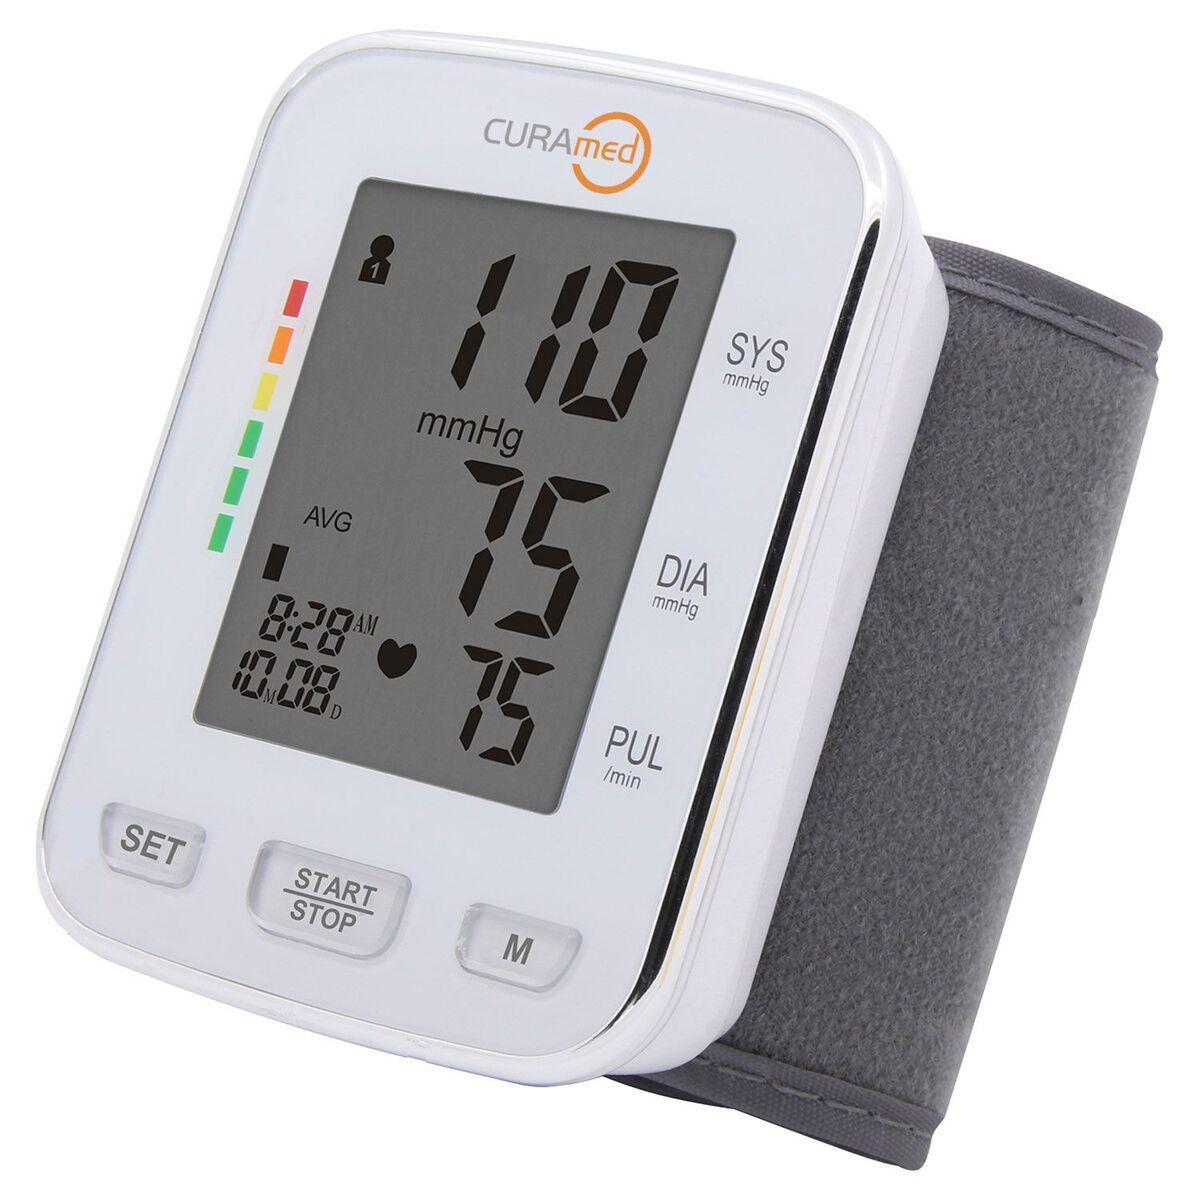 Bild 1 von CURAMED Blutdruckmessgerät